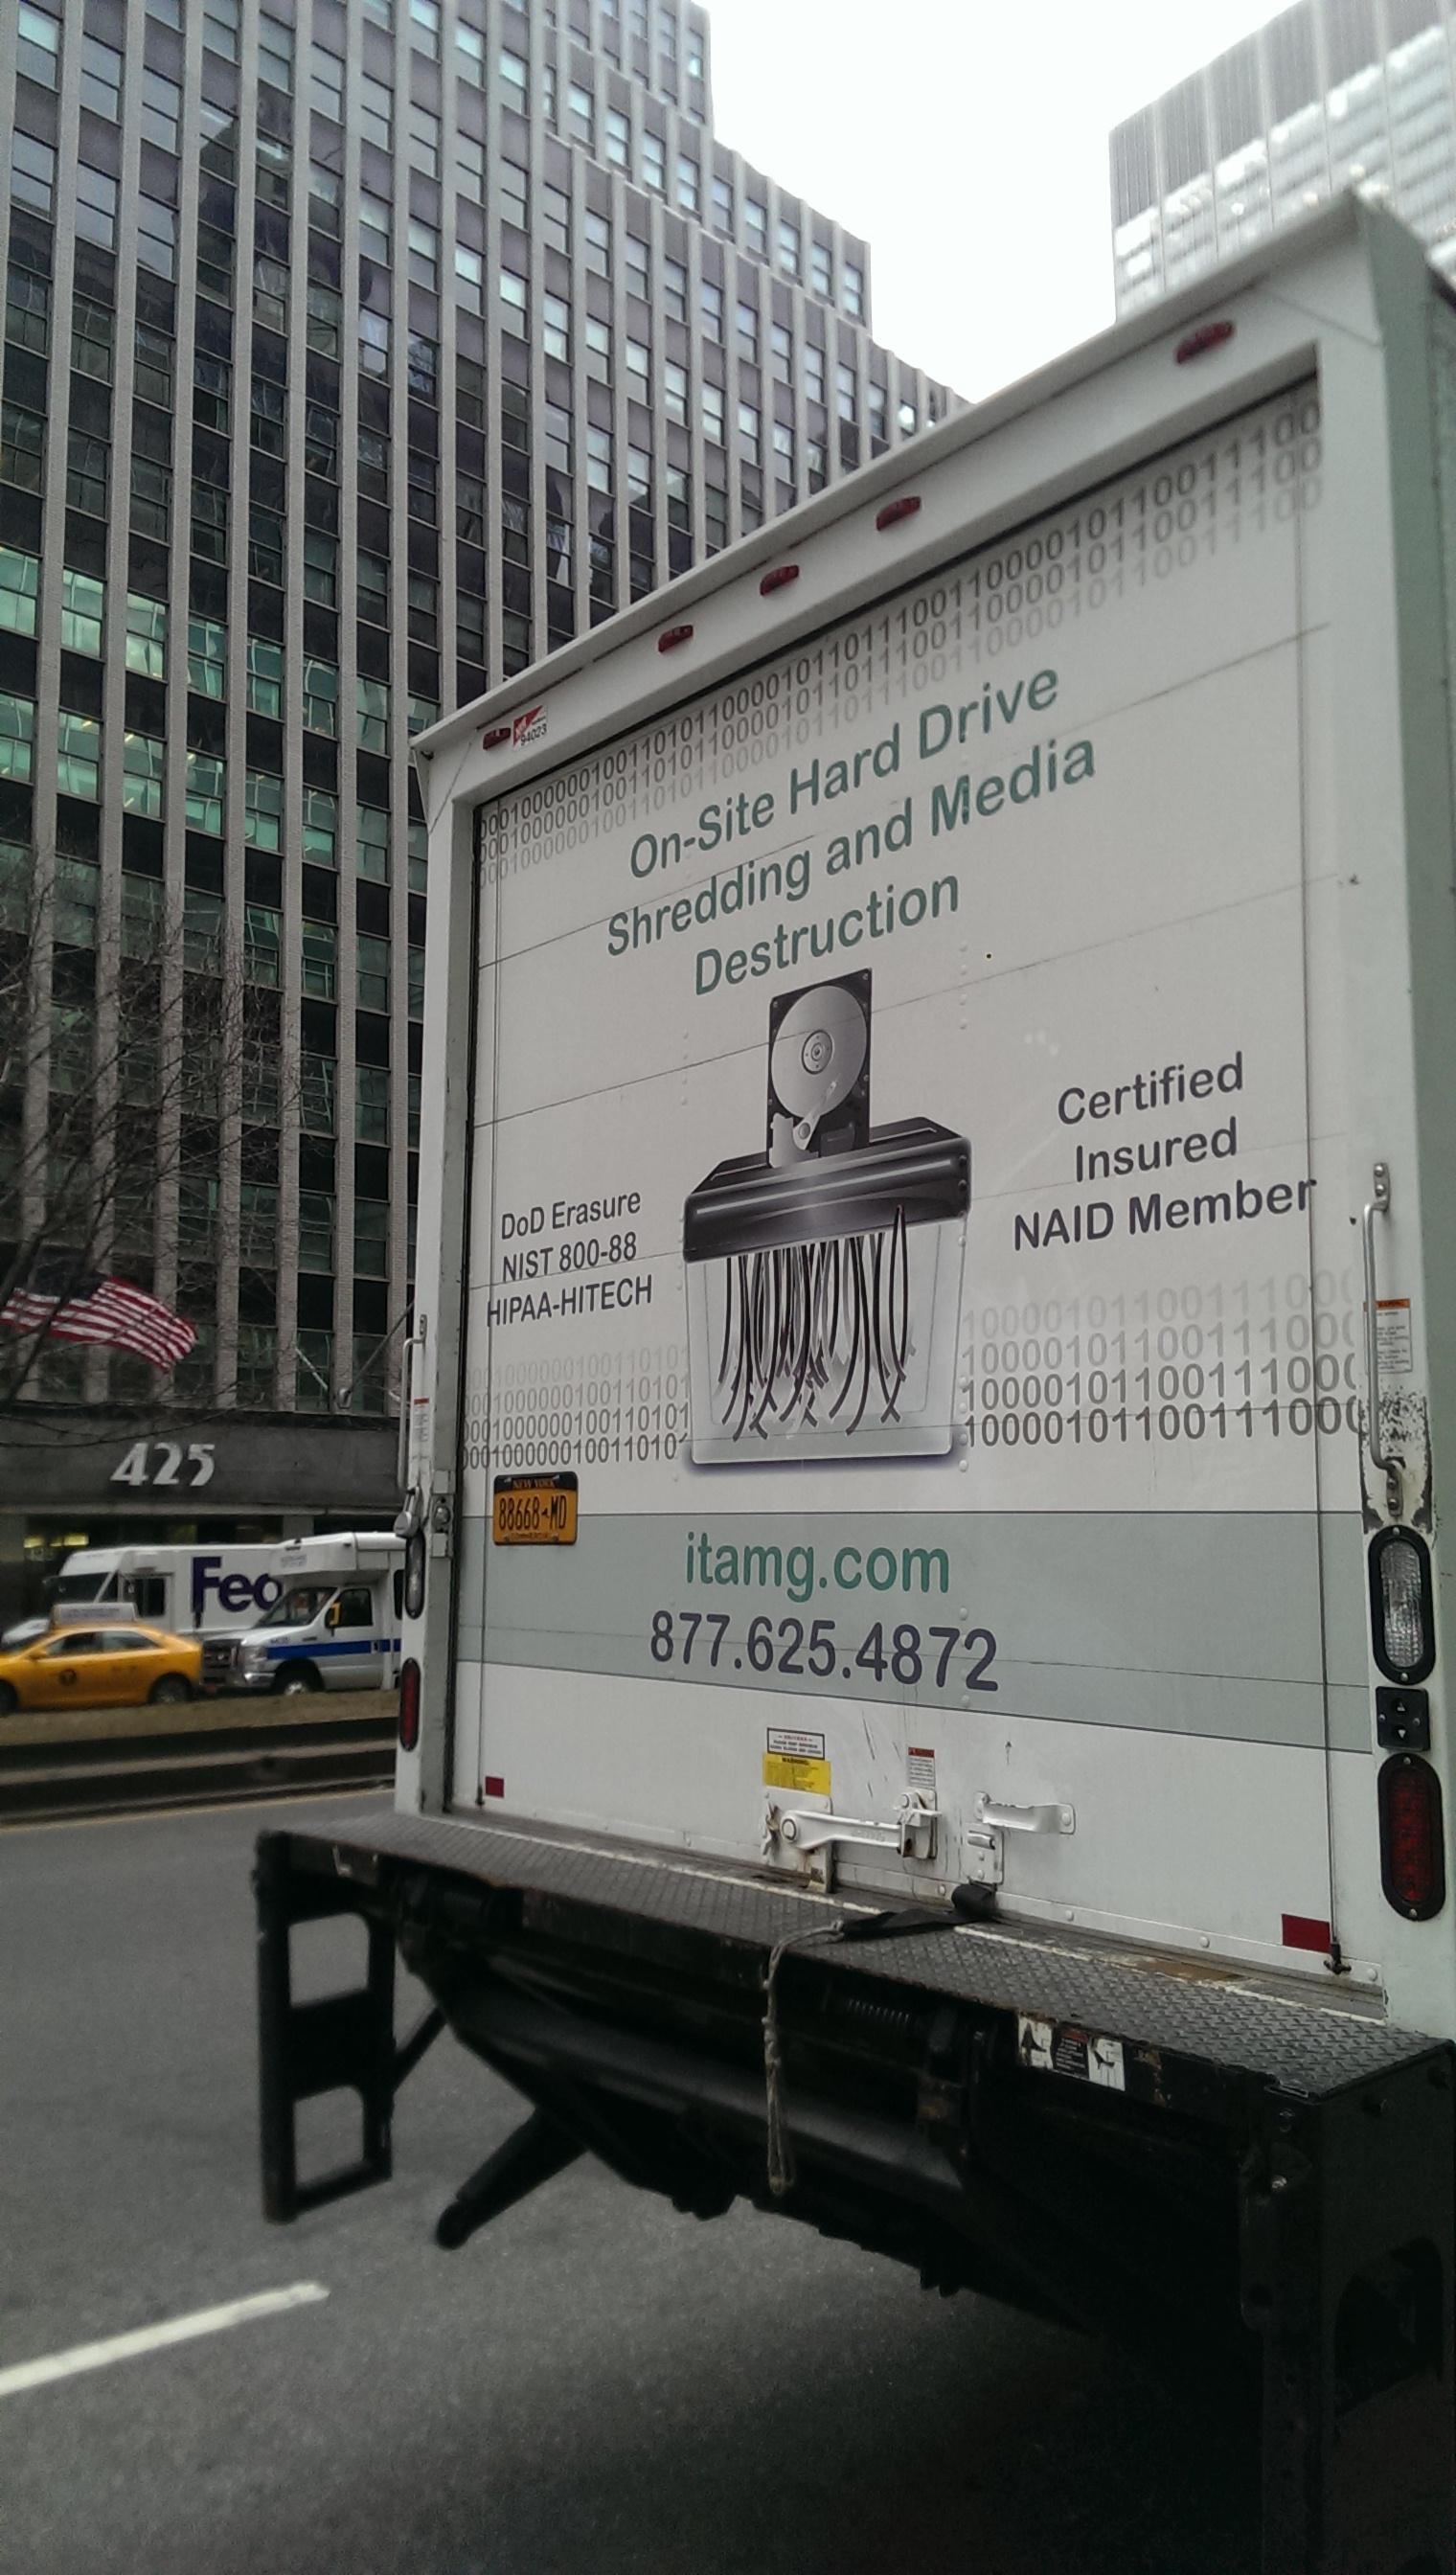 Hard Drive Shredding NY